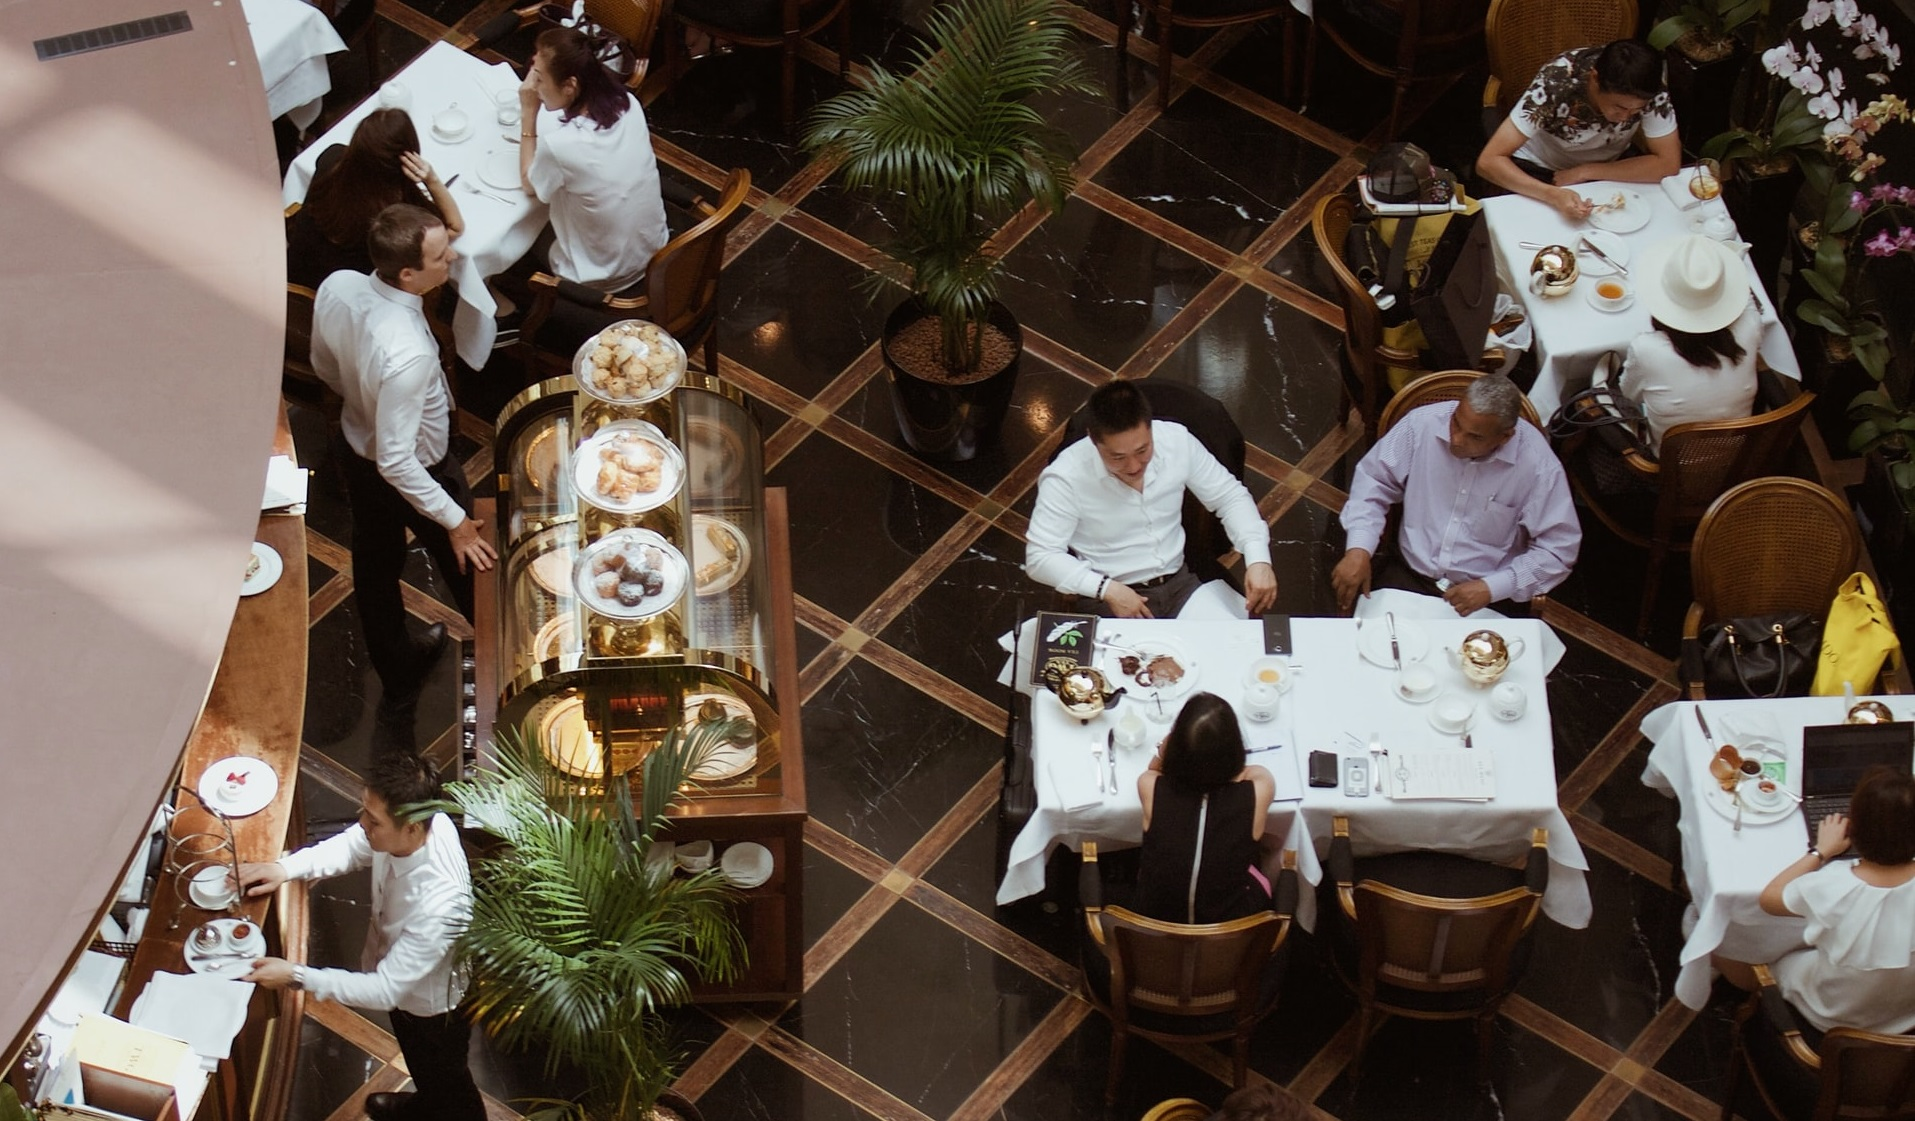 Bei până la 23. Autoritățile au transmis greșit orarul de funcționare a restaurantelor și cafenelelor